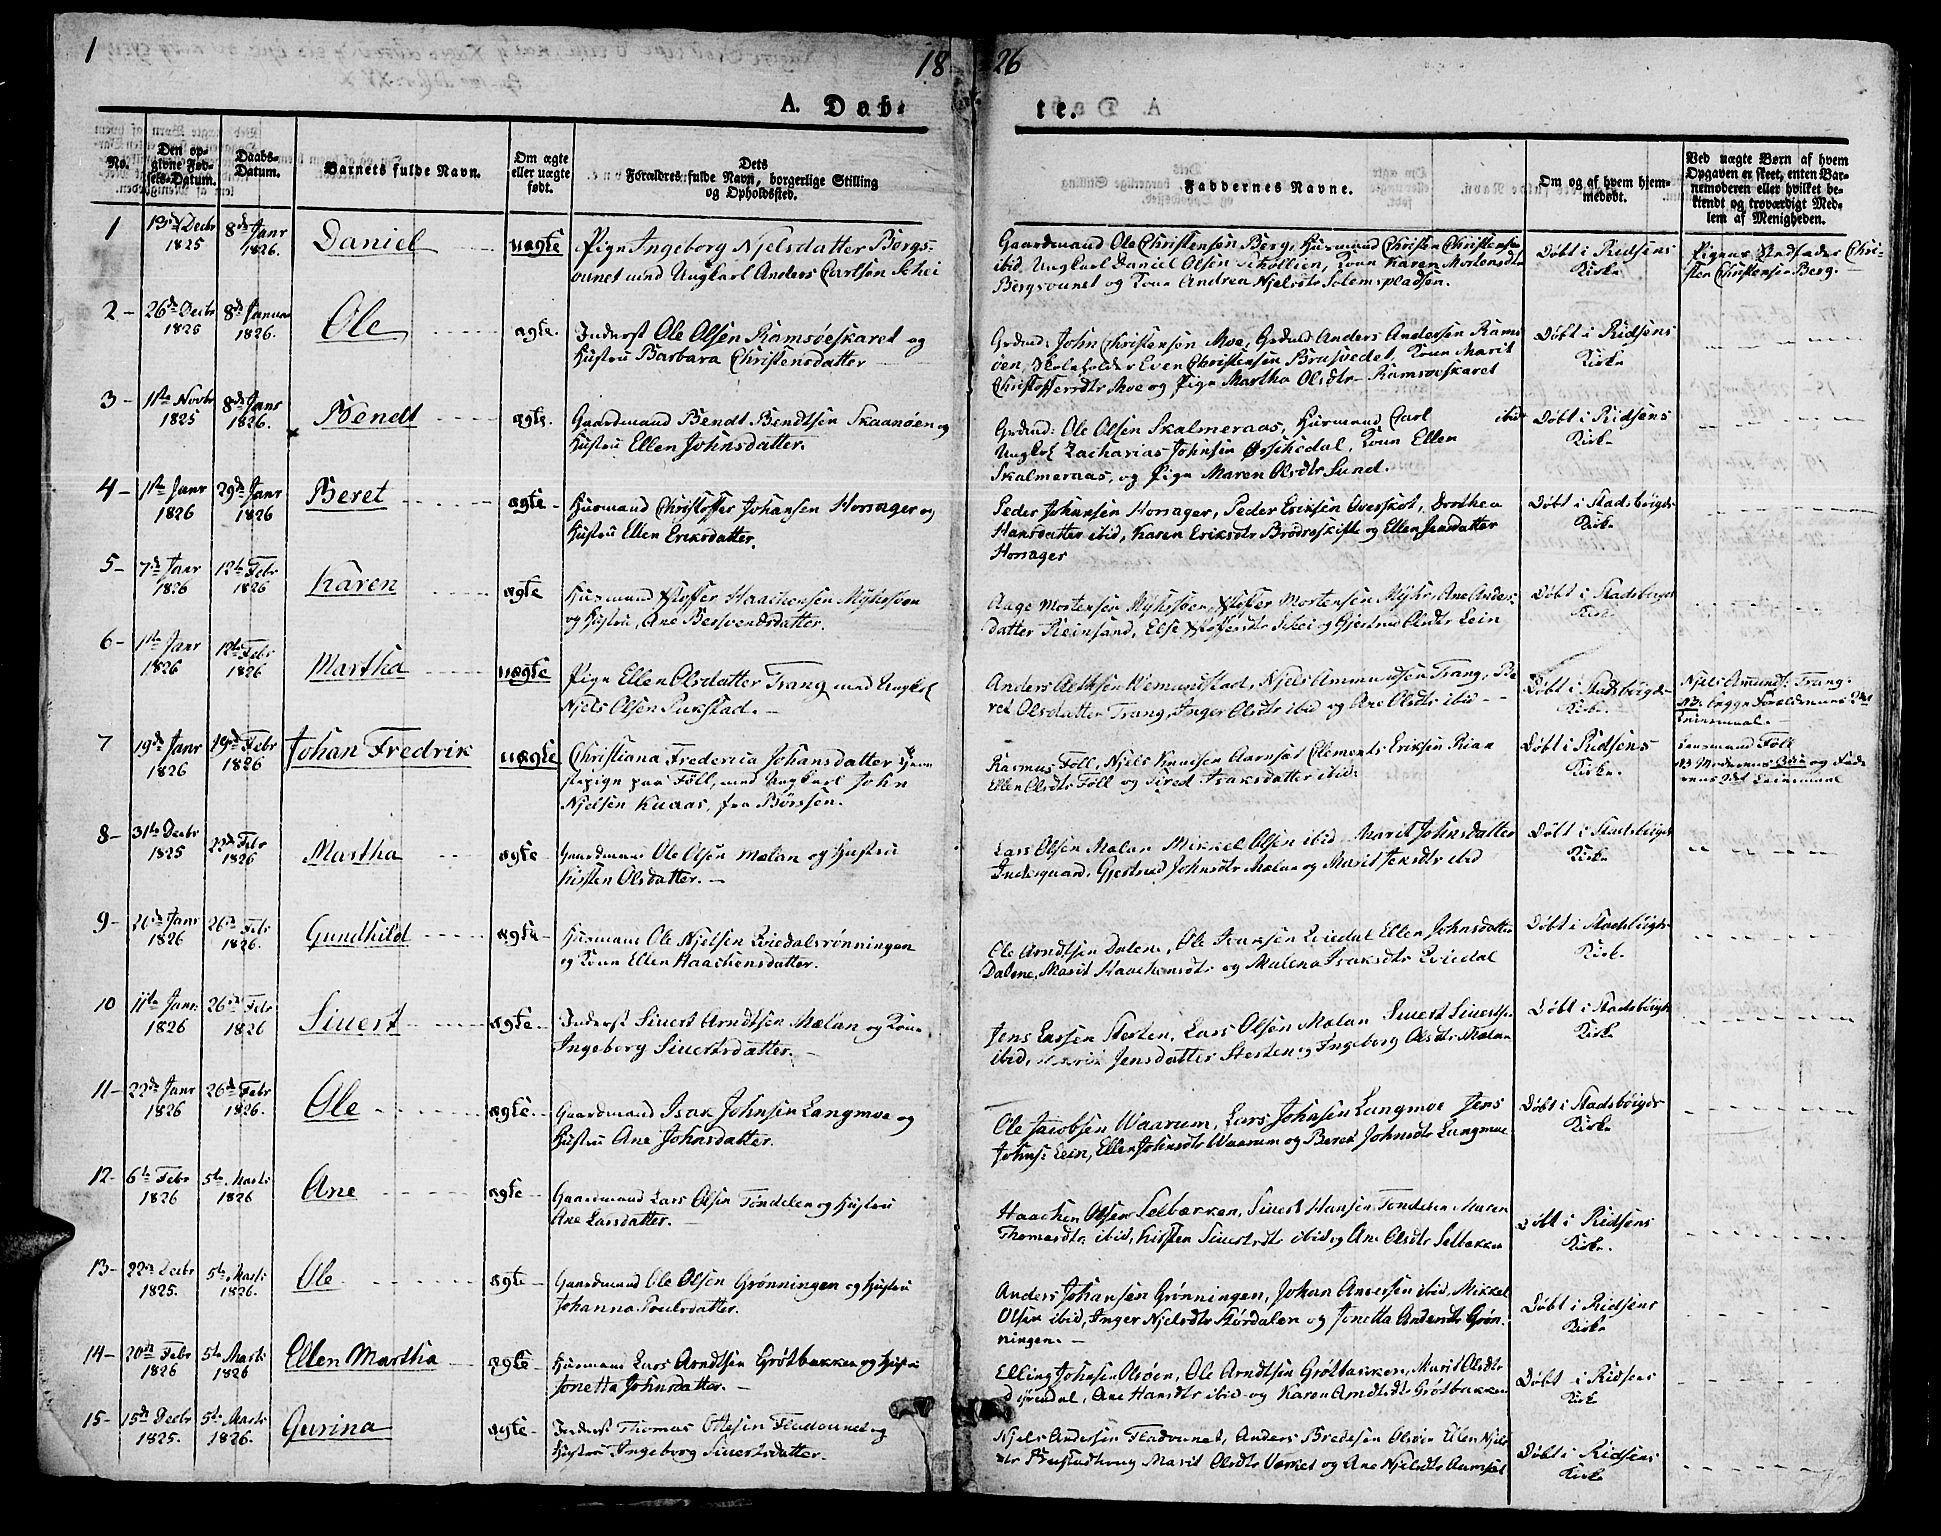 SAT, Ministerialprotokoller, klokkerbøker og fødselsregistre - Sør-Trøndelag, 646/L0609: Ministerialbok nr. 646A07, 1826-1838, s. 1